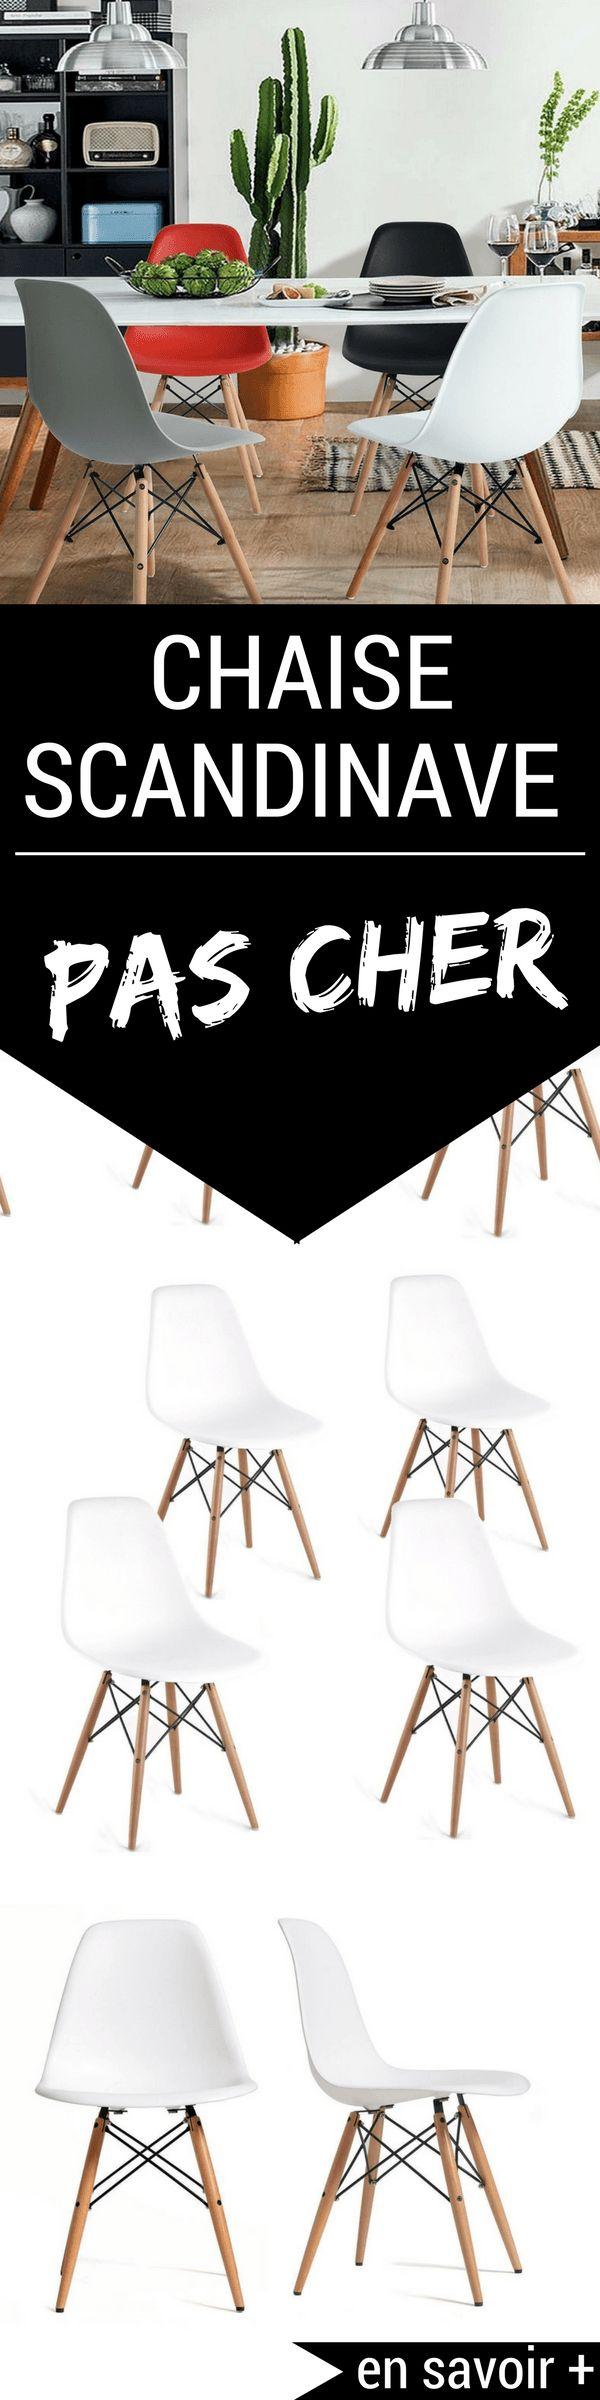 Table rectangulaire en bois clair chaises scandinaves et suspension - Ces Chaises Scandinaves 1 Meilleure Vente Chez Amazon Sont Galement Les Moins Ch Res